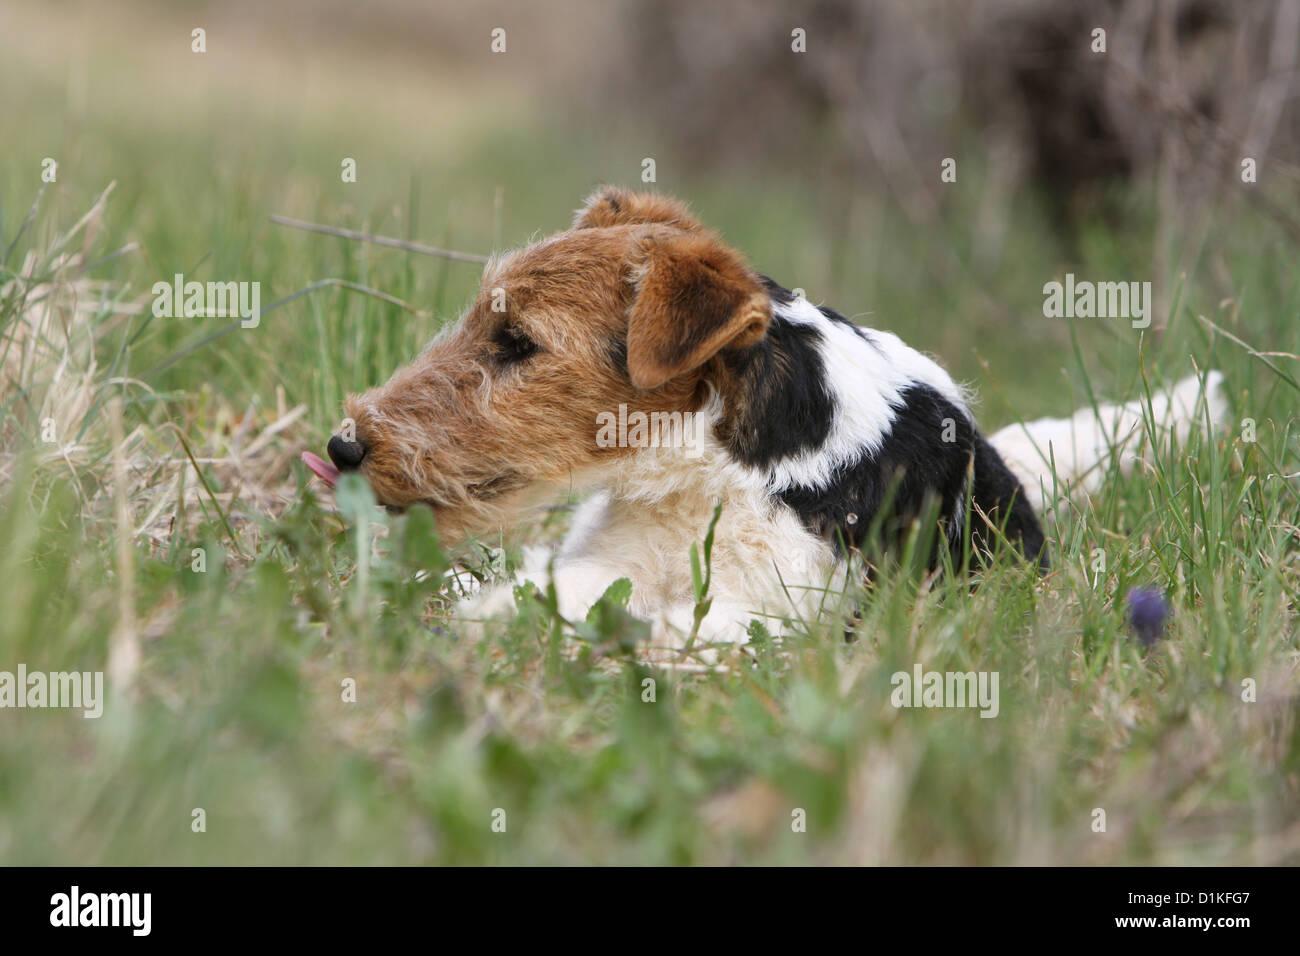 Fox Terrier Puppy Stockfotos & Fox Terrier Puppy Bilder - Alamy